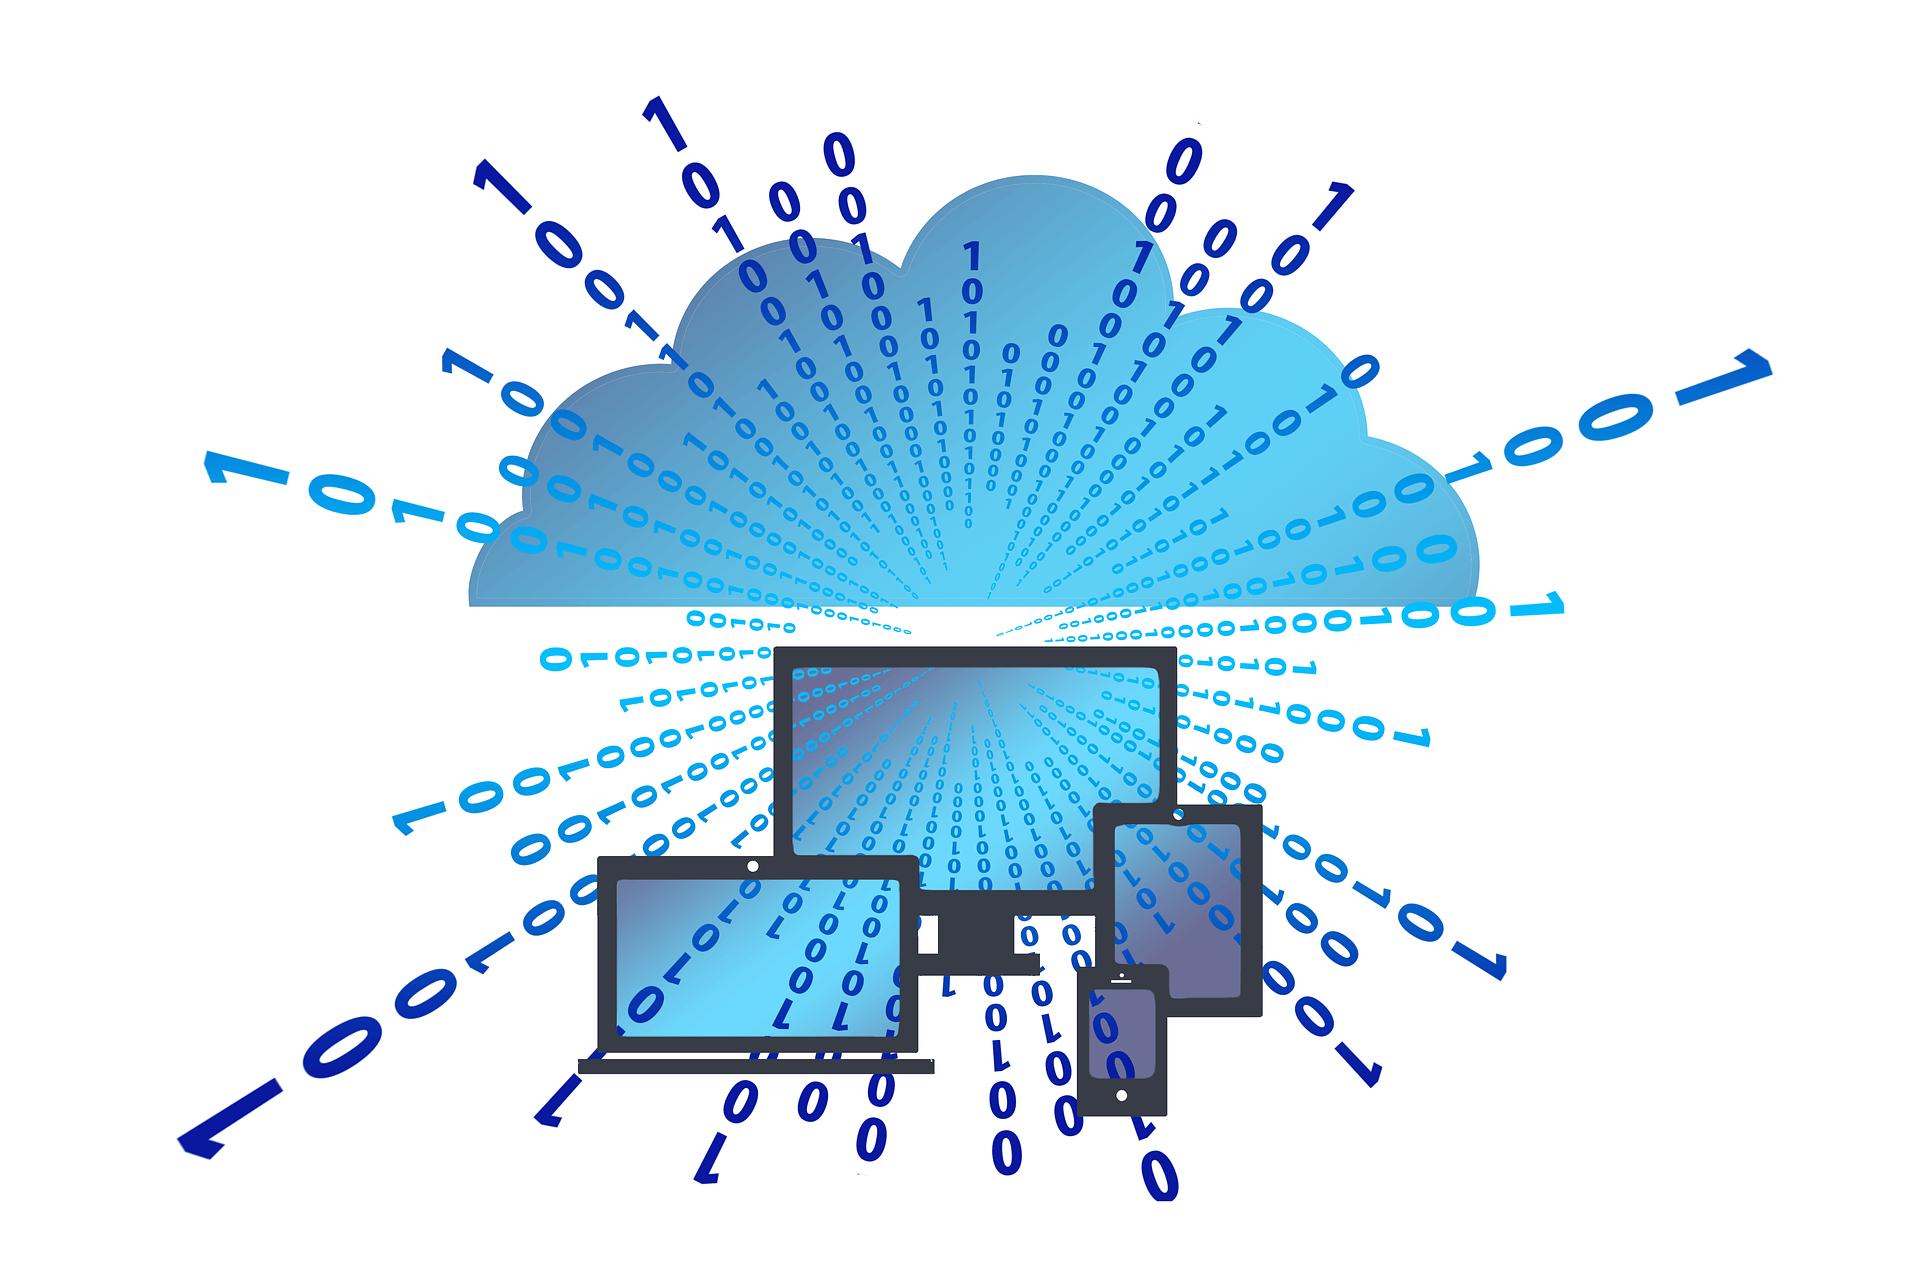 Un sistemas donde puedas almacenar toda tu información de modo seguro es algo que un ERP te garantiza totalmente.